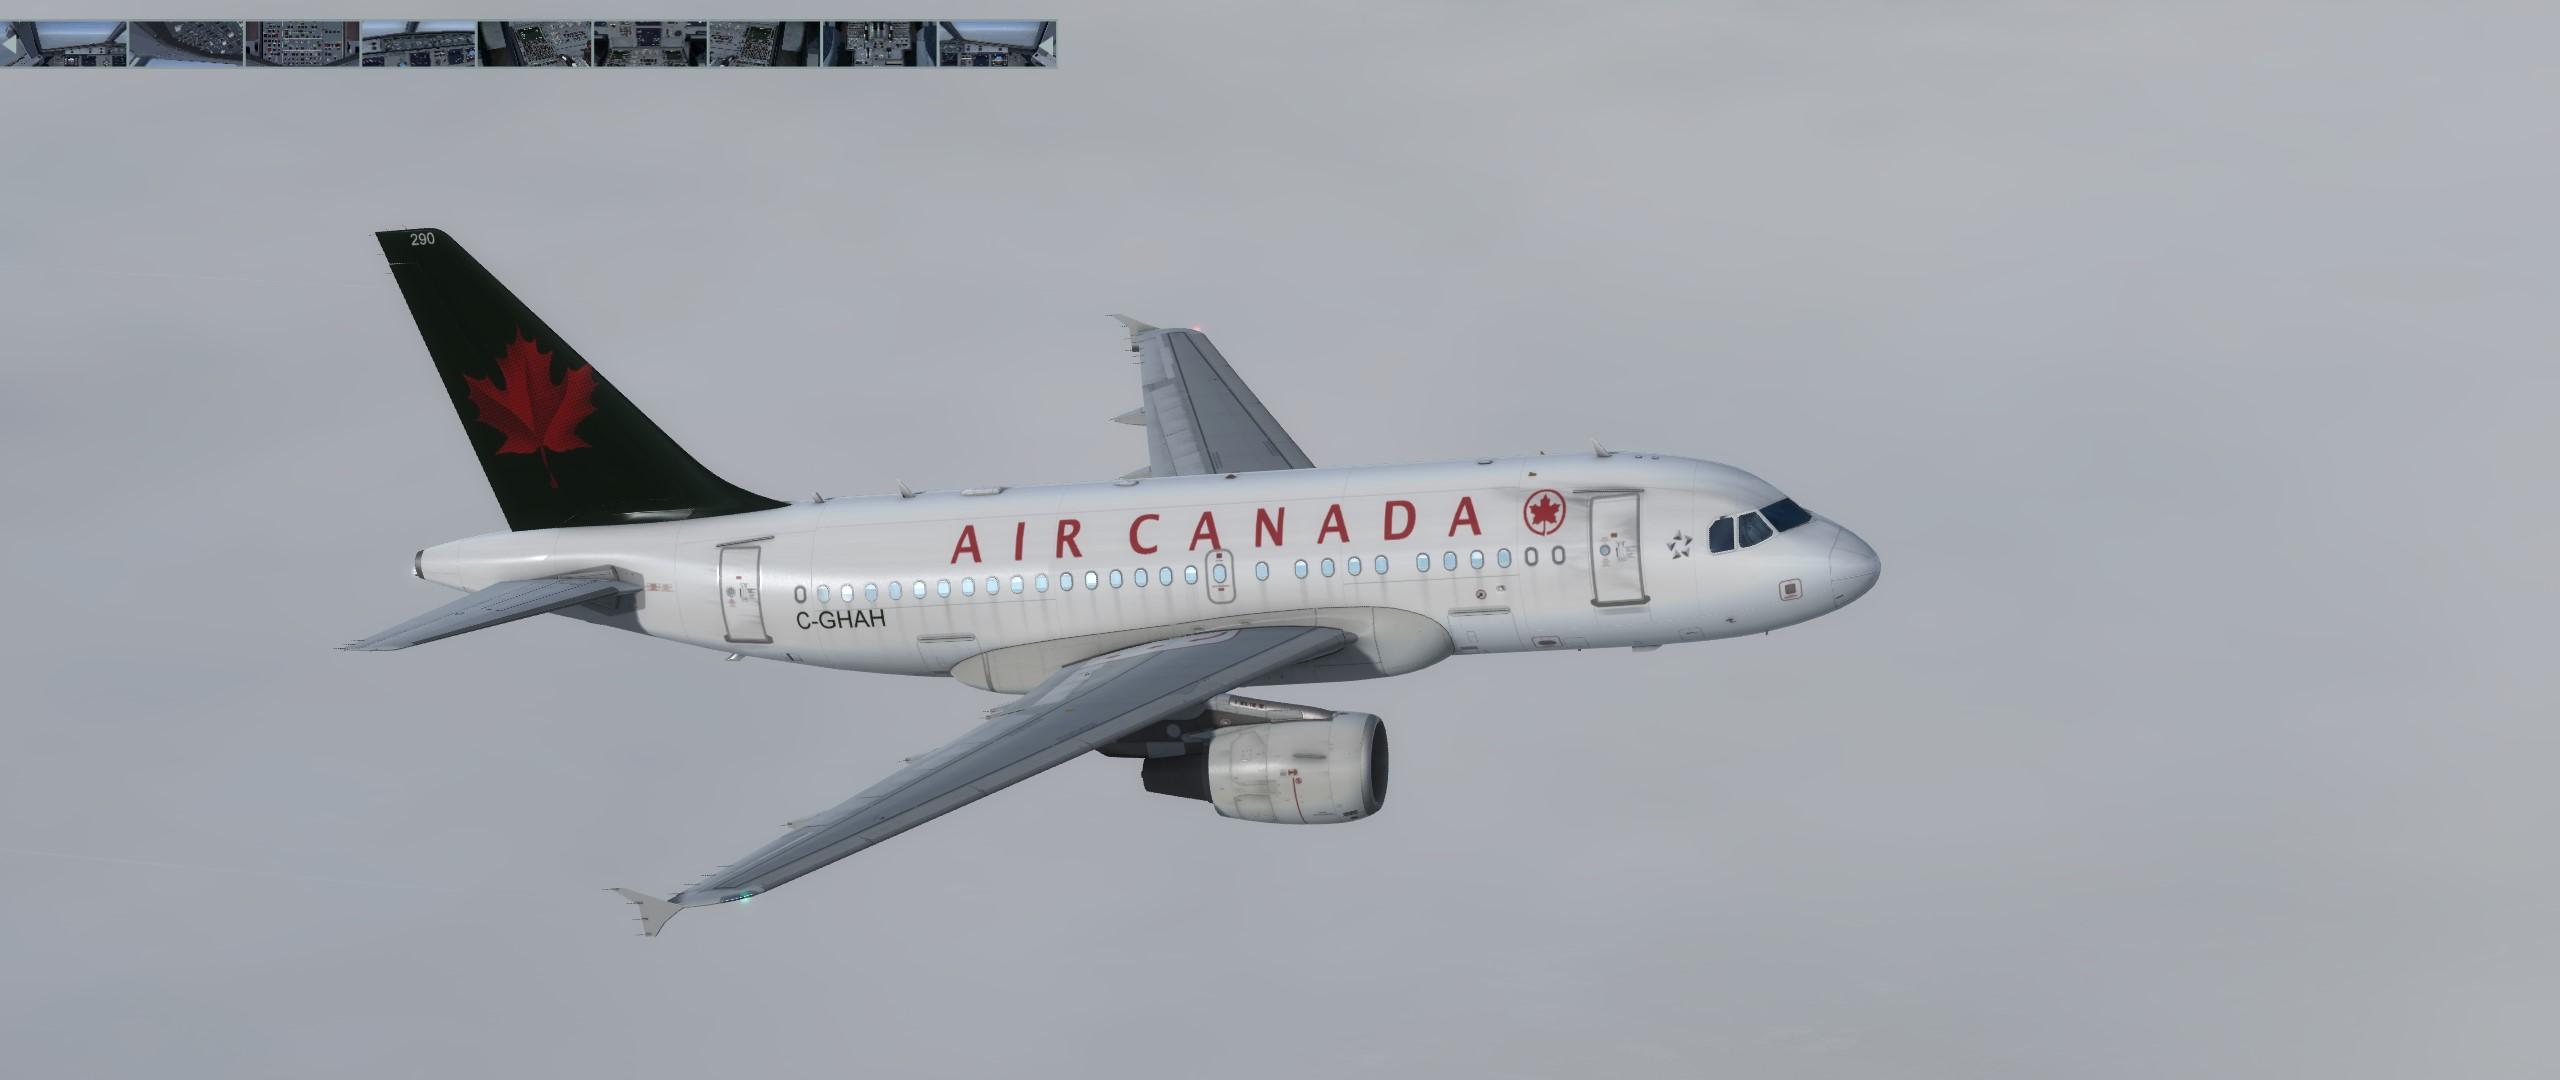 Air Canada A318 1990 Livery